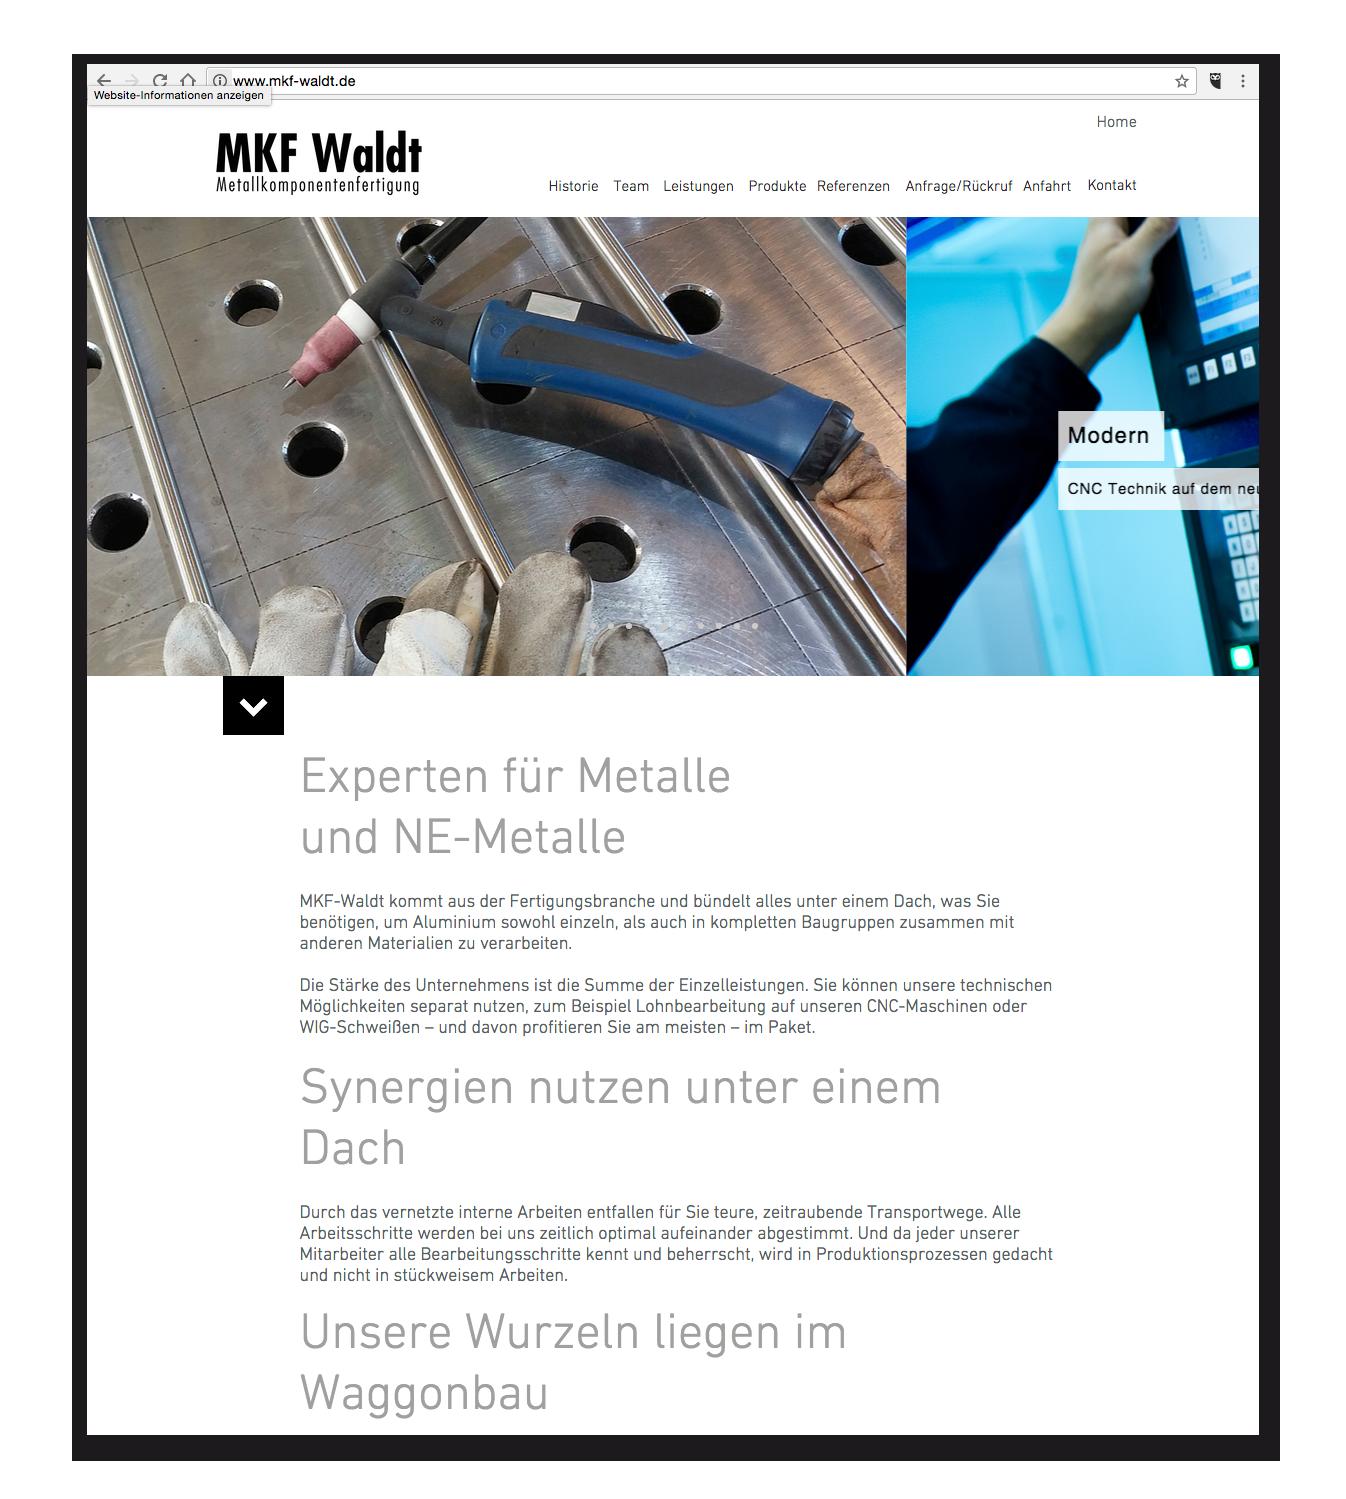 MKF-Waldt - Startseite